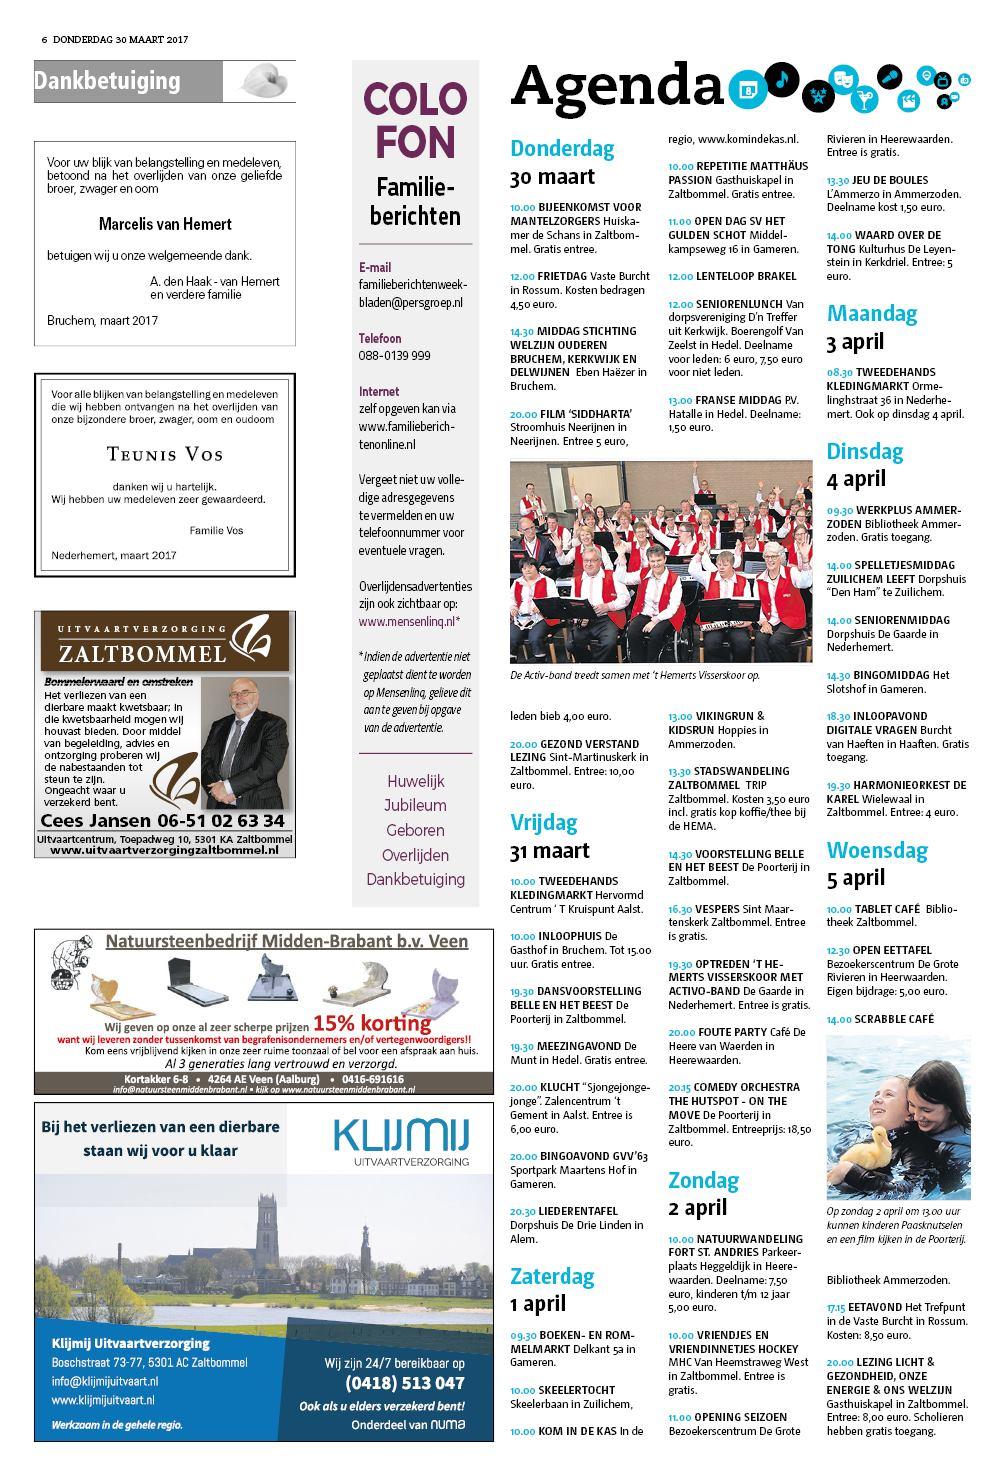 Weekblad de toren zaltbommel online dating